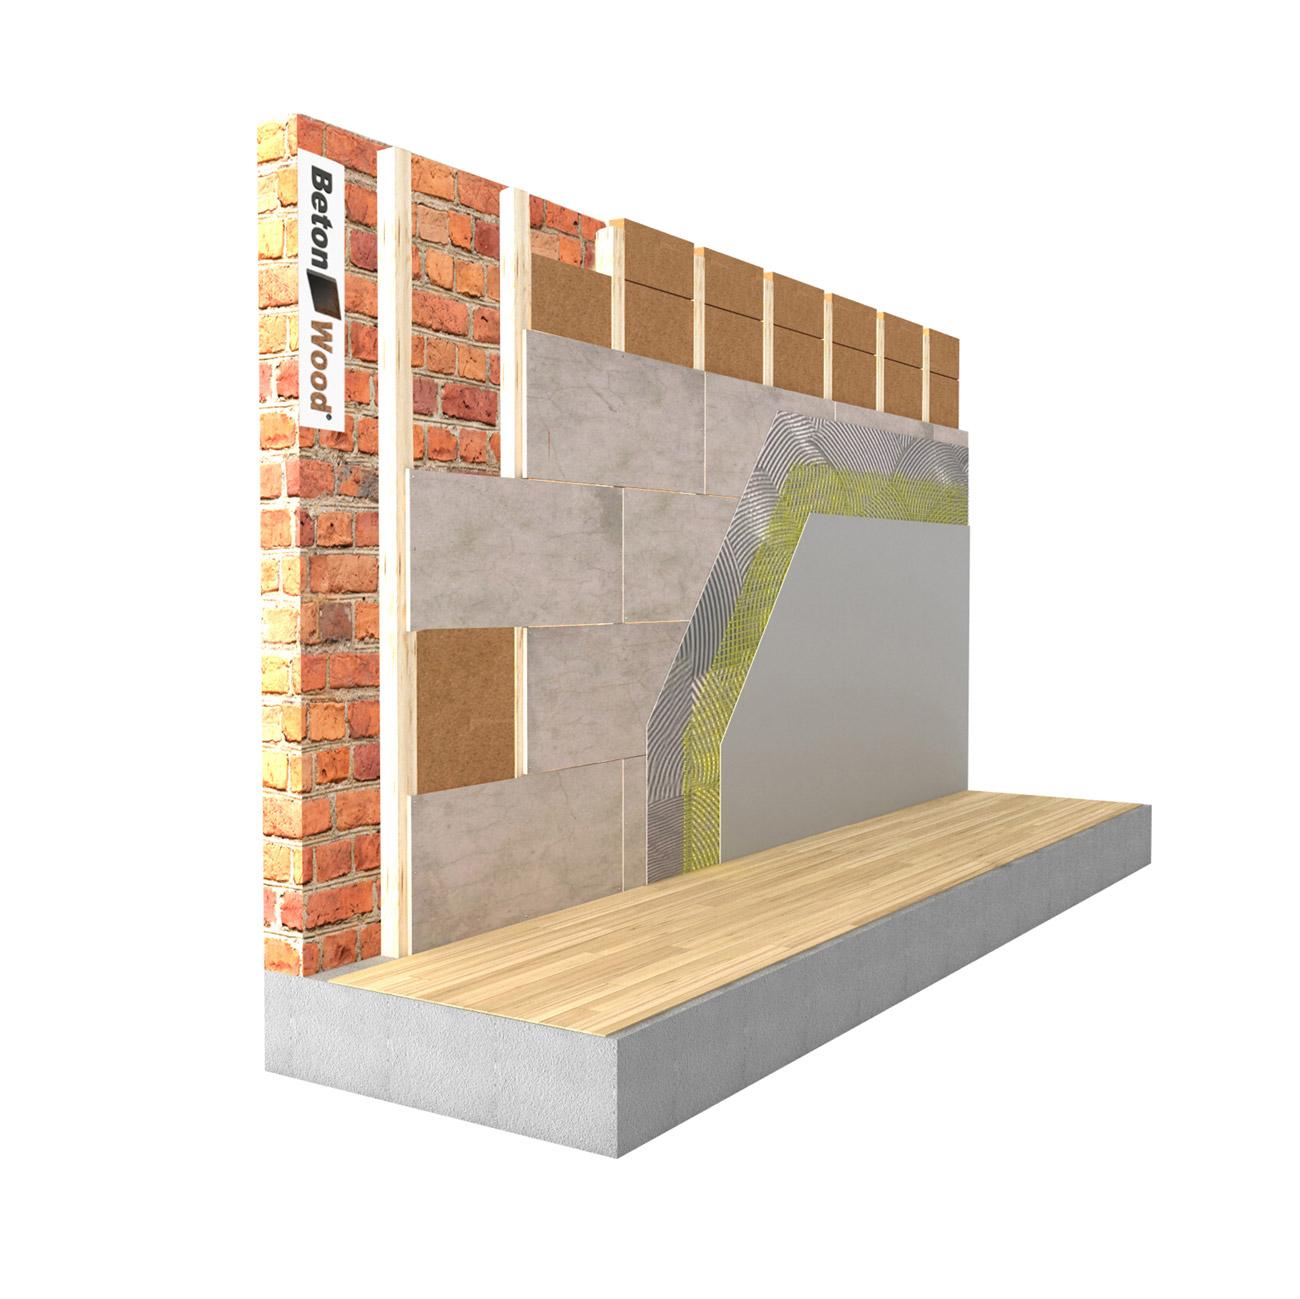 Fibra di legno prezzi fibertherm internal - Rivestire parete con legno ...